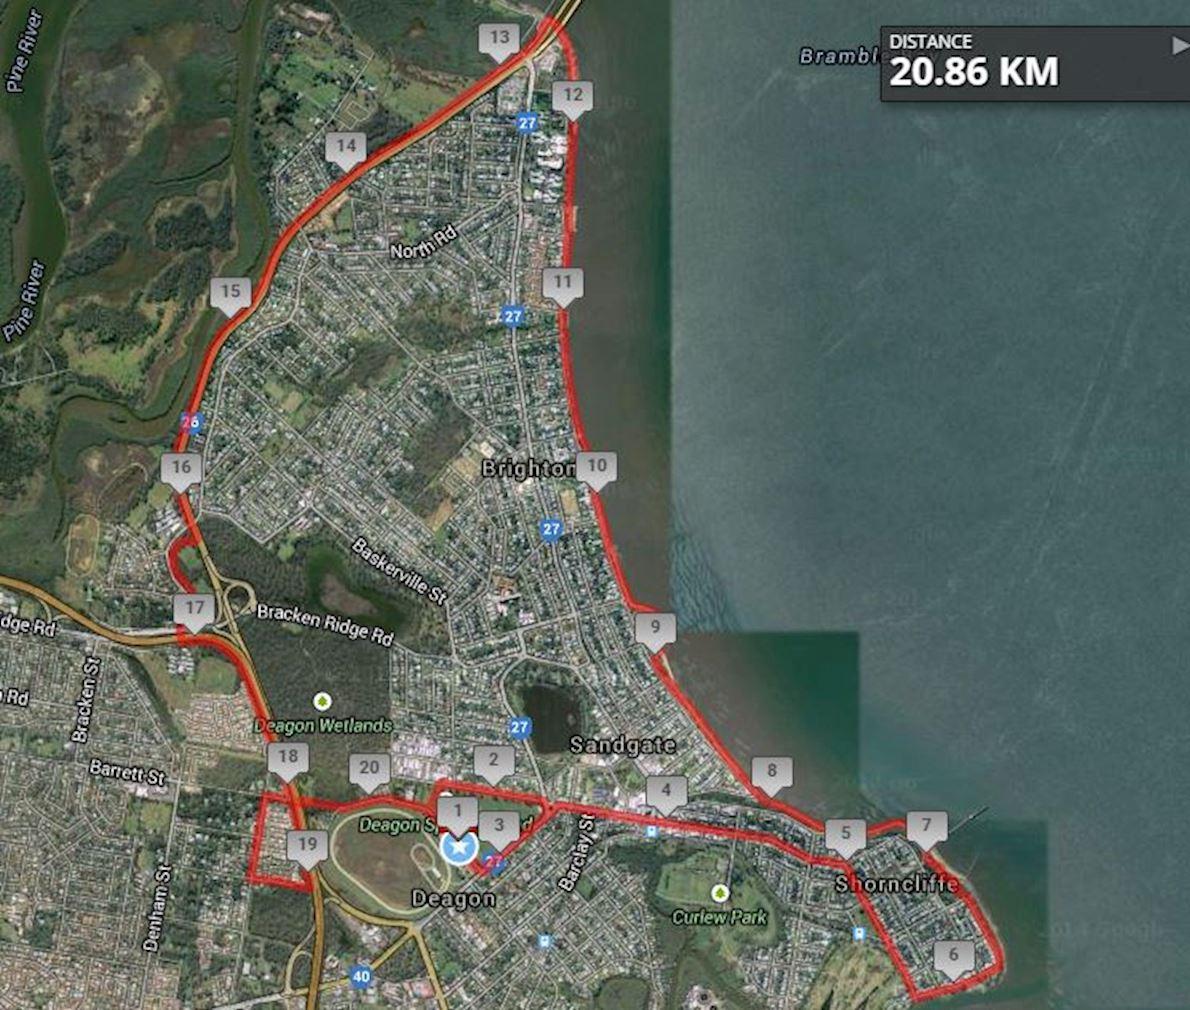 Queensland Half Marathon MAPA DEL RECORRIDO DE